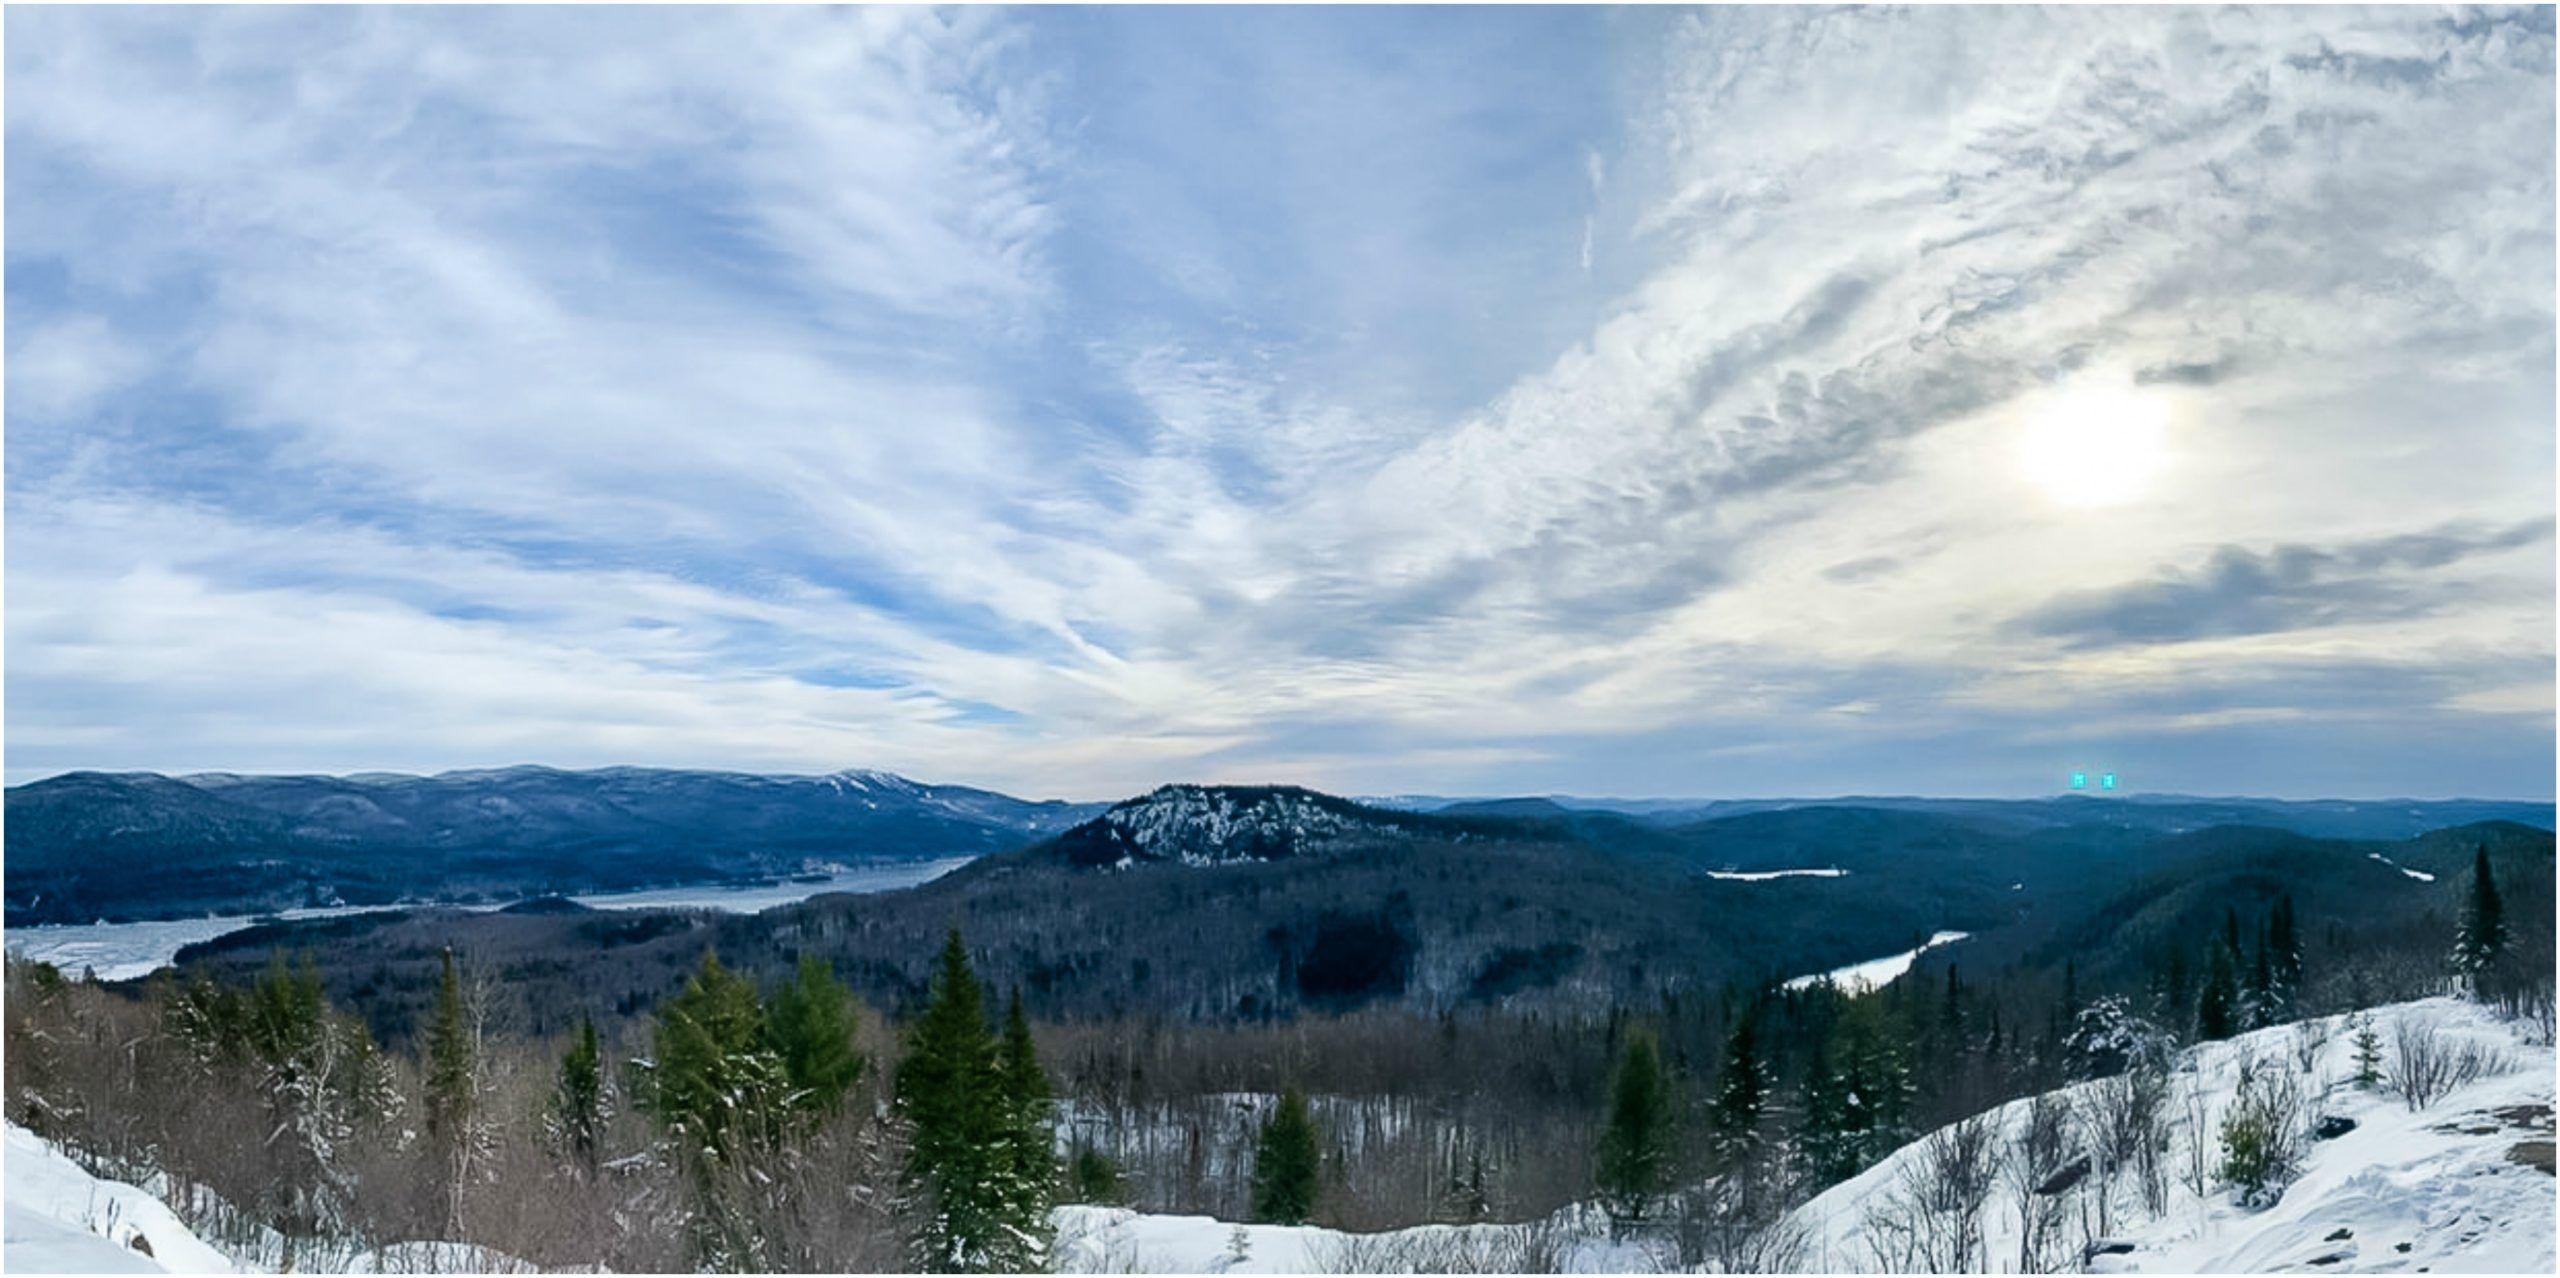 montagne verte canada